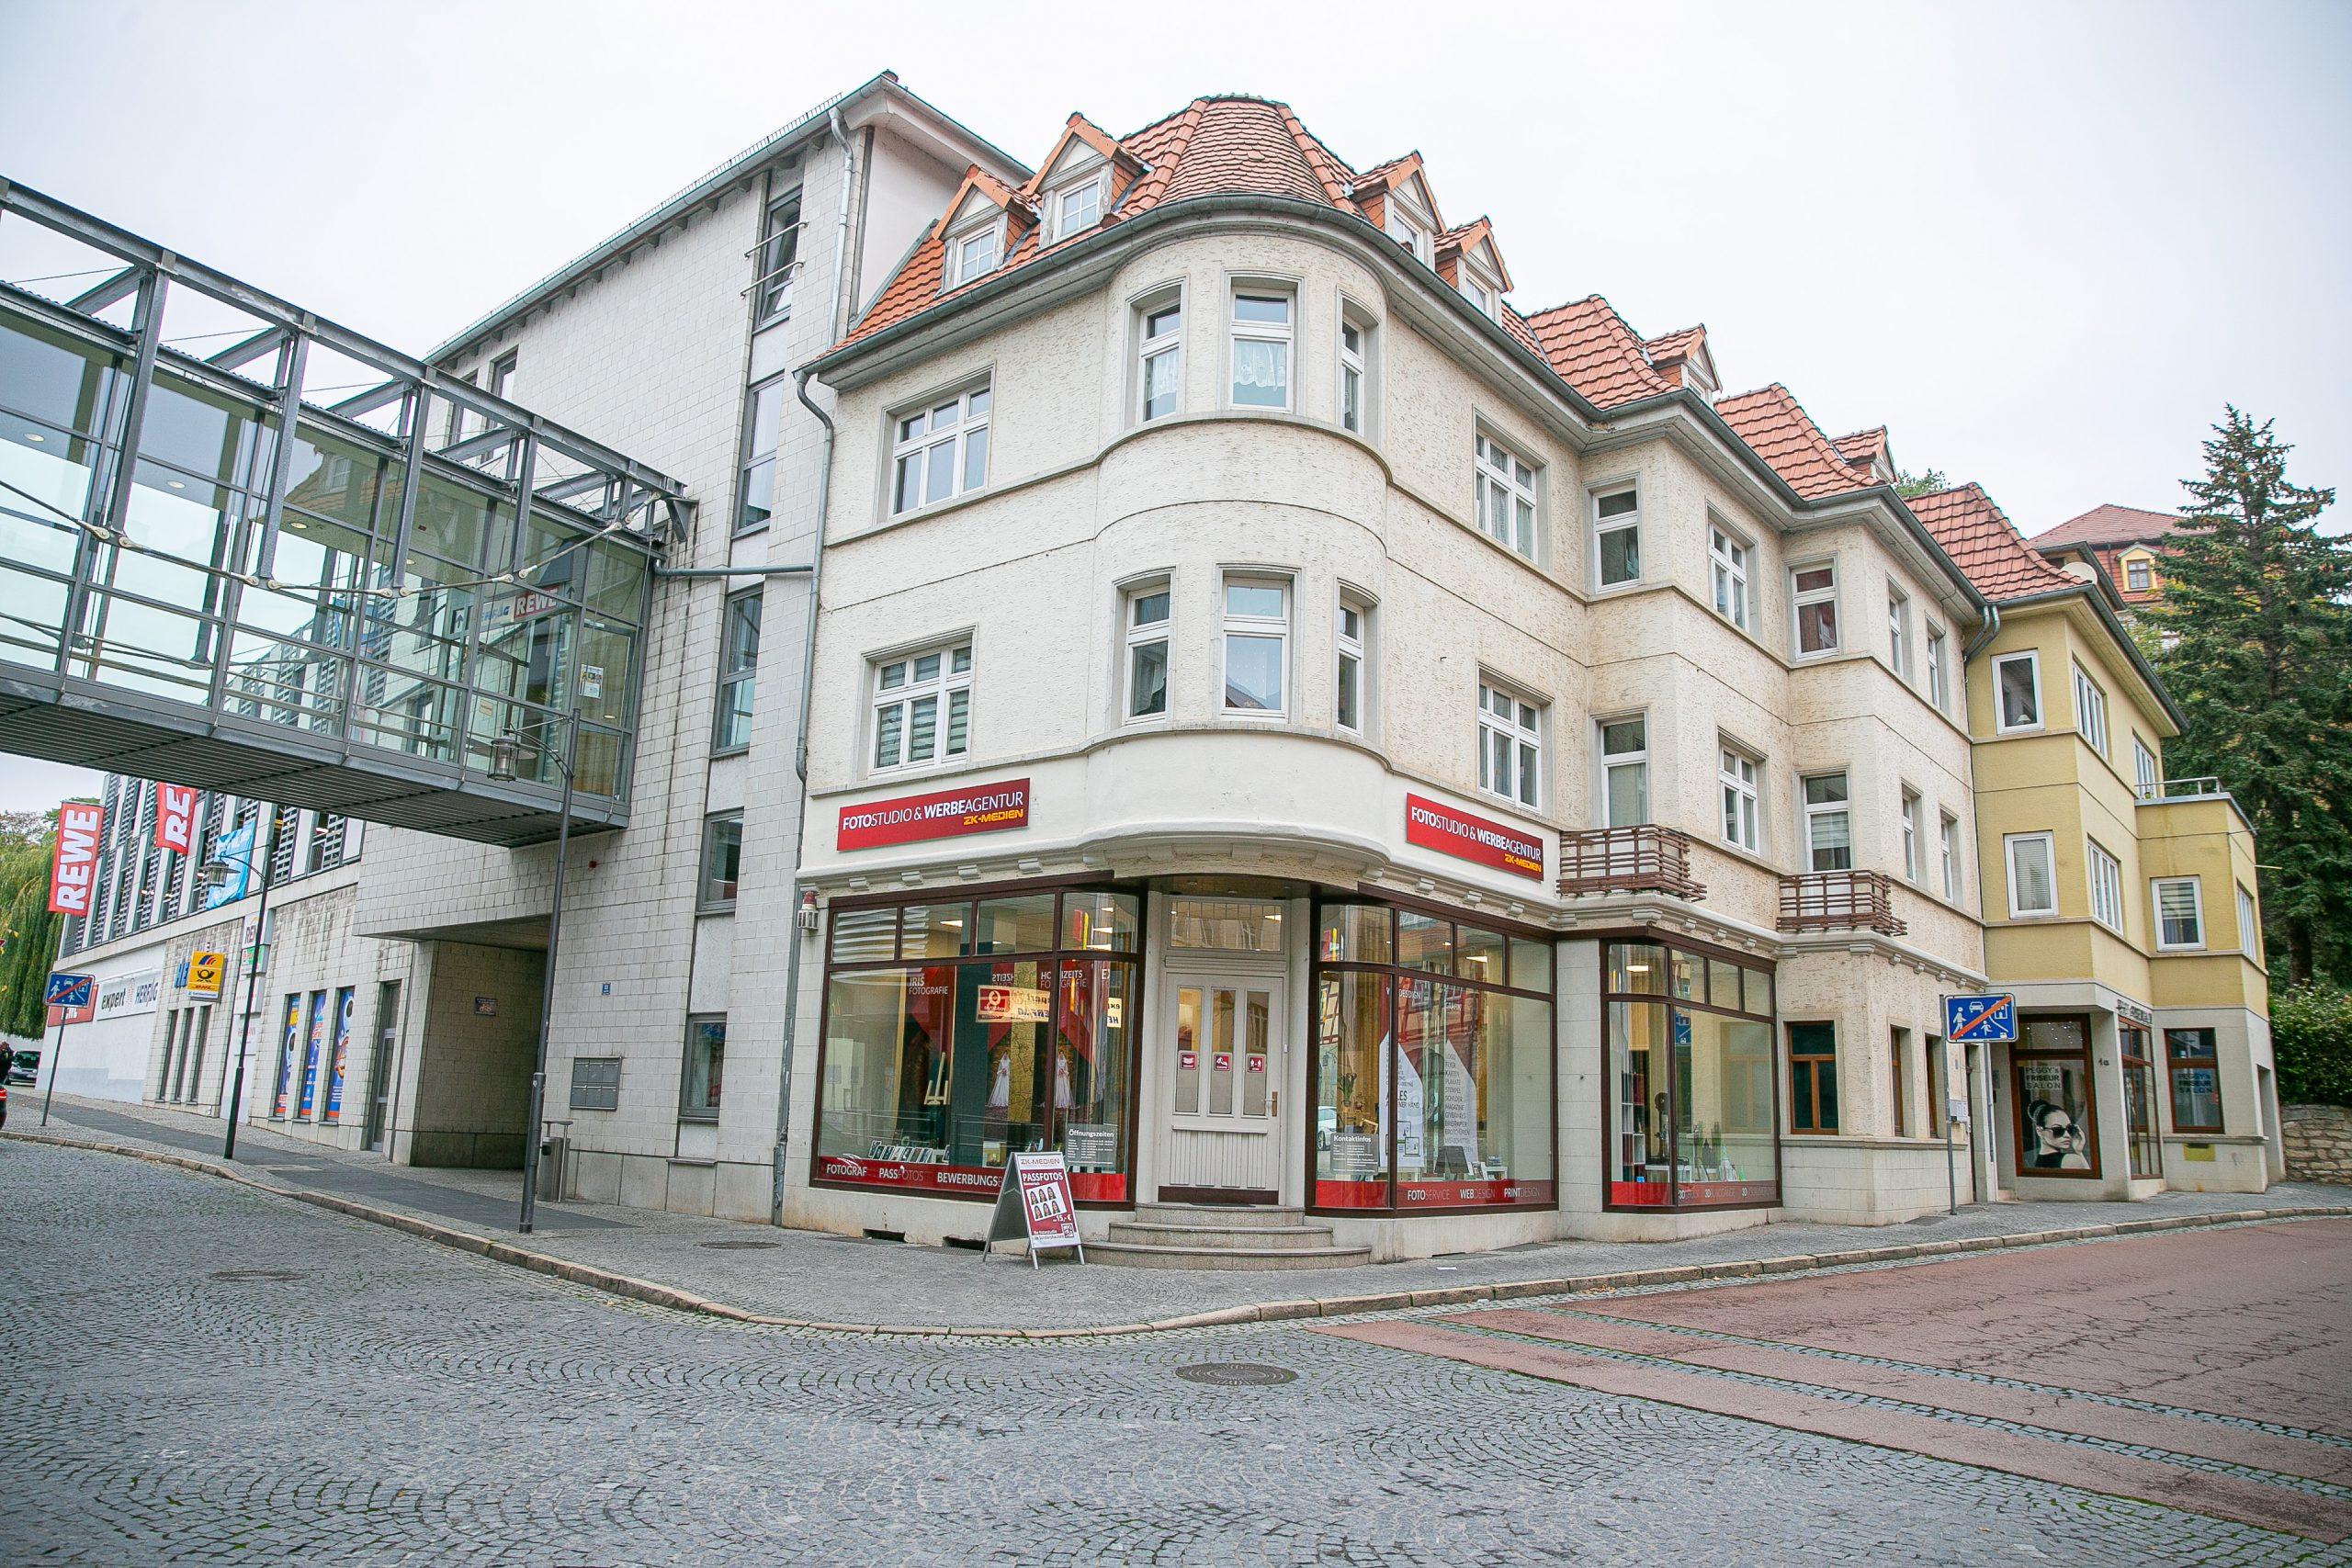 Studio ZK-MEDIEN Sondershausen